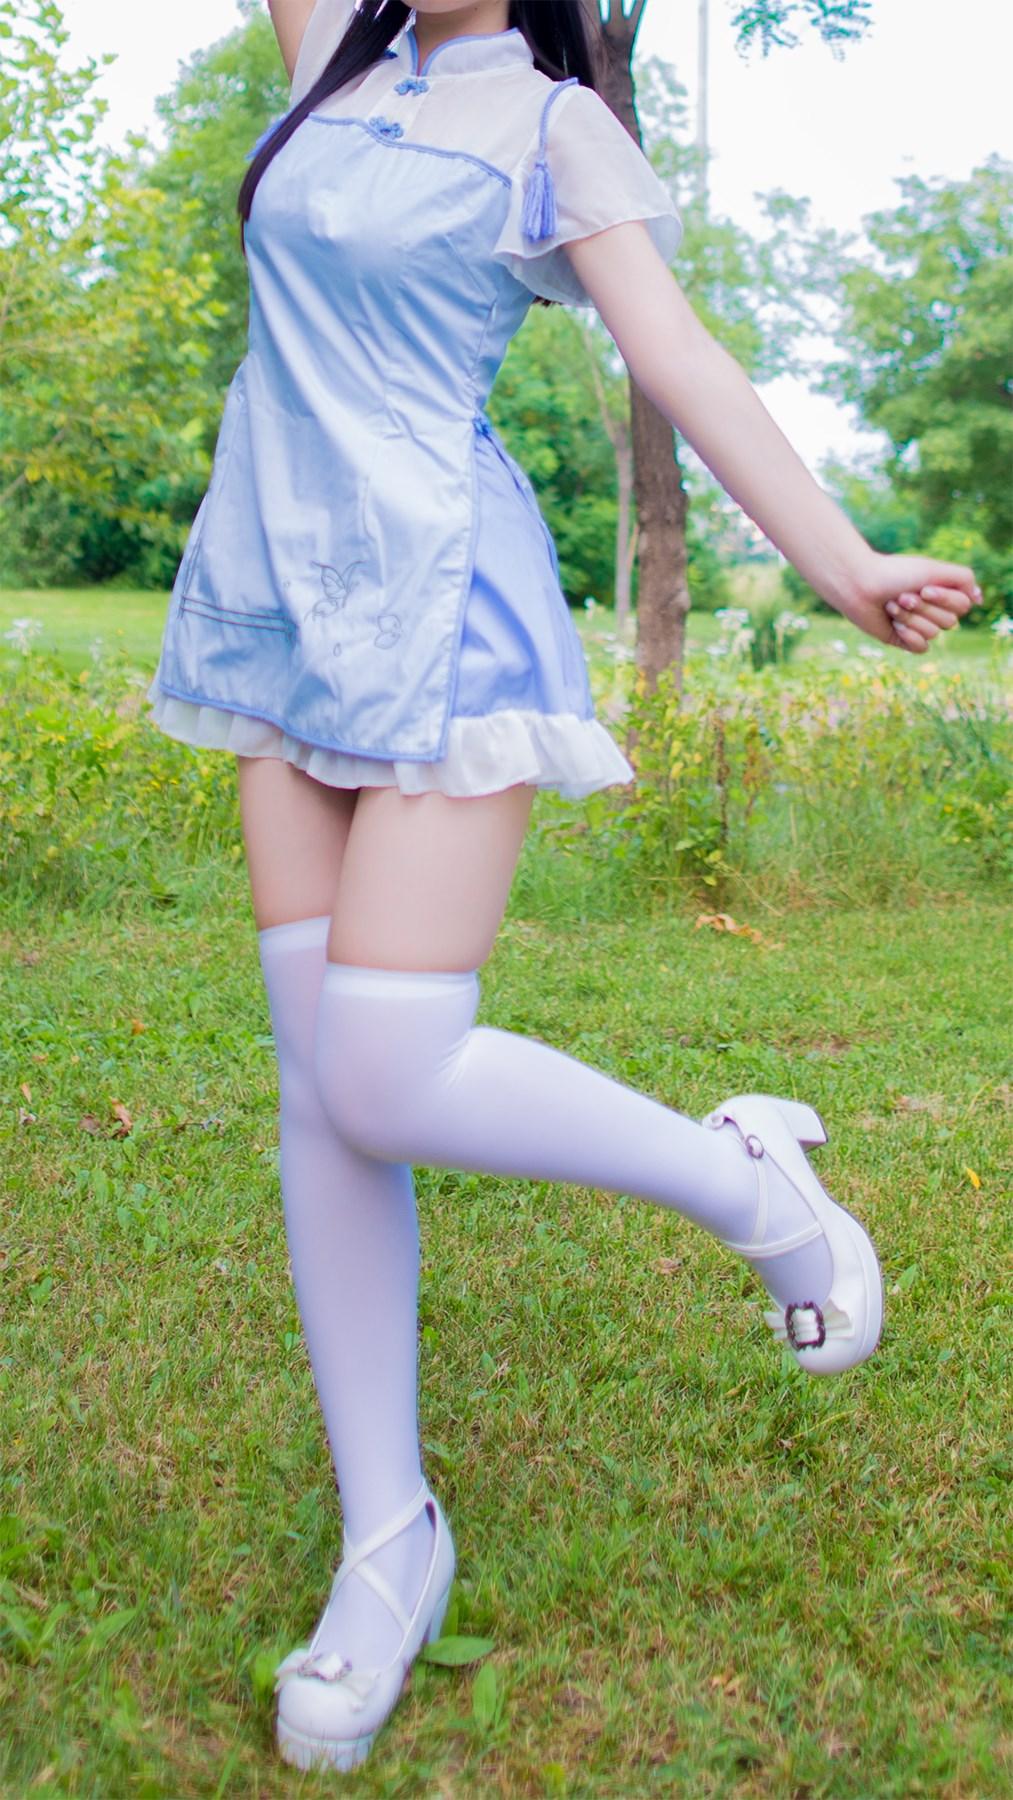 【兔玩映画】白丝旗袍 兔玩映画 第48张